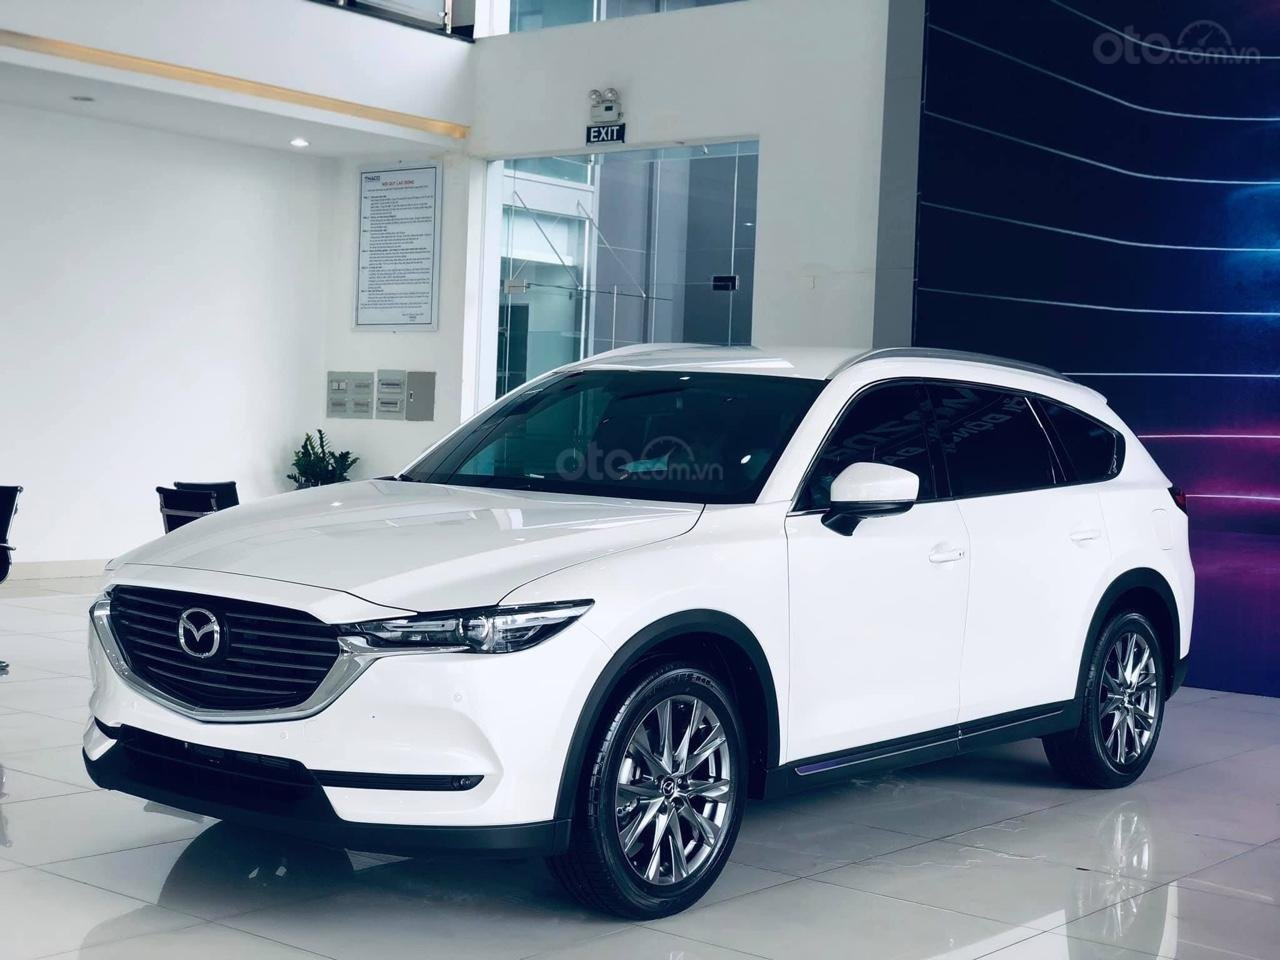 [Mazda Bình Triệu] Mazda CX-8 chỉ còn từ 999 triệu, giảm giá ngay 150 triệu (1)